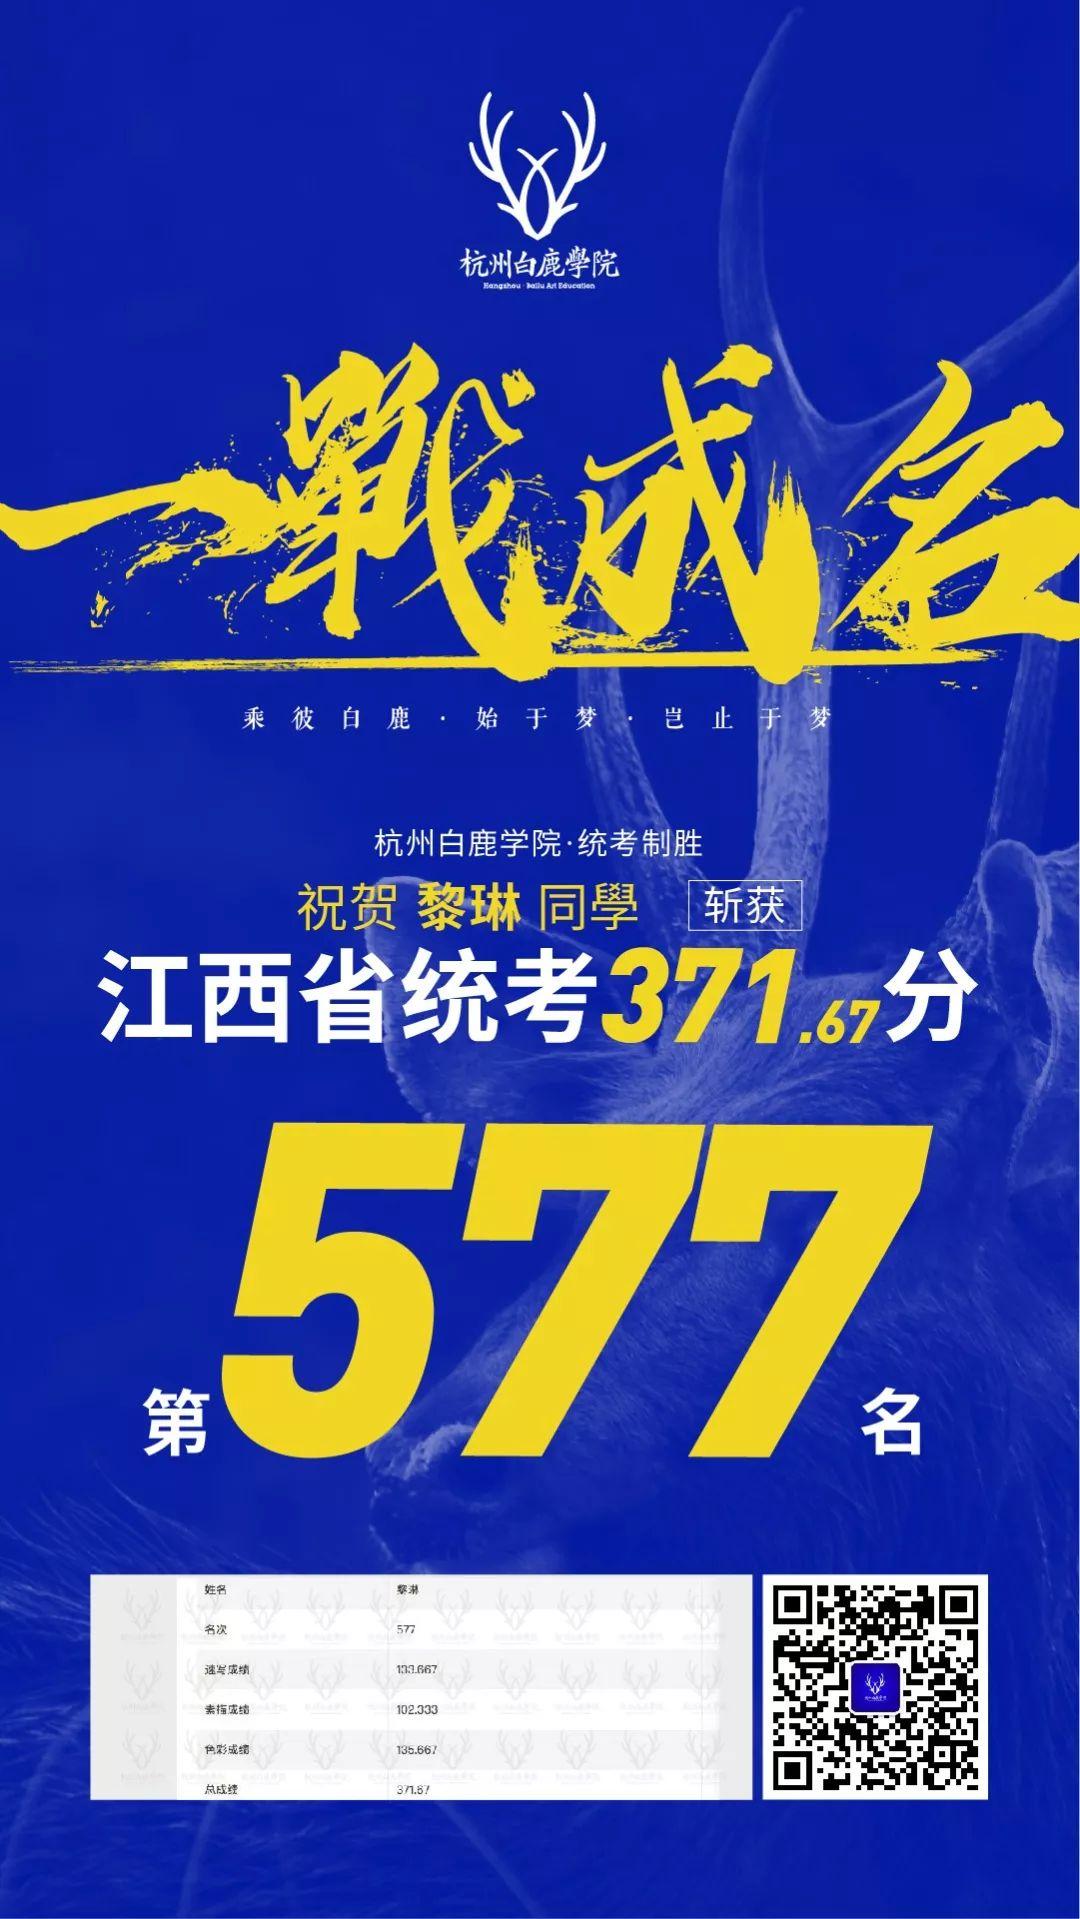 杭州画室,杭州美术培训,杭州联考美术培训,21